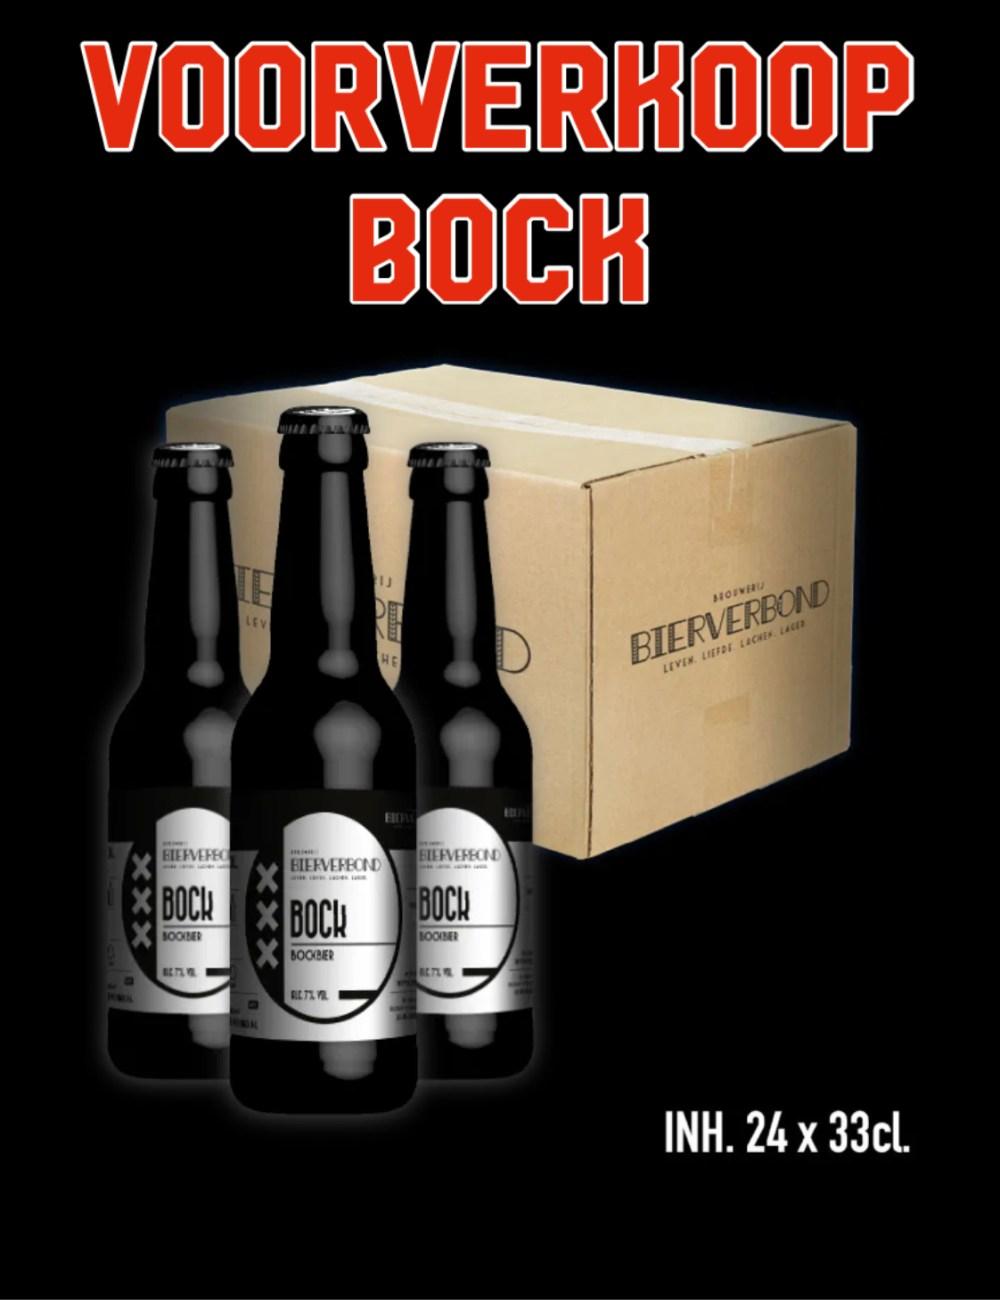 24 bottles of Bock